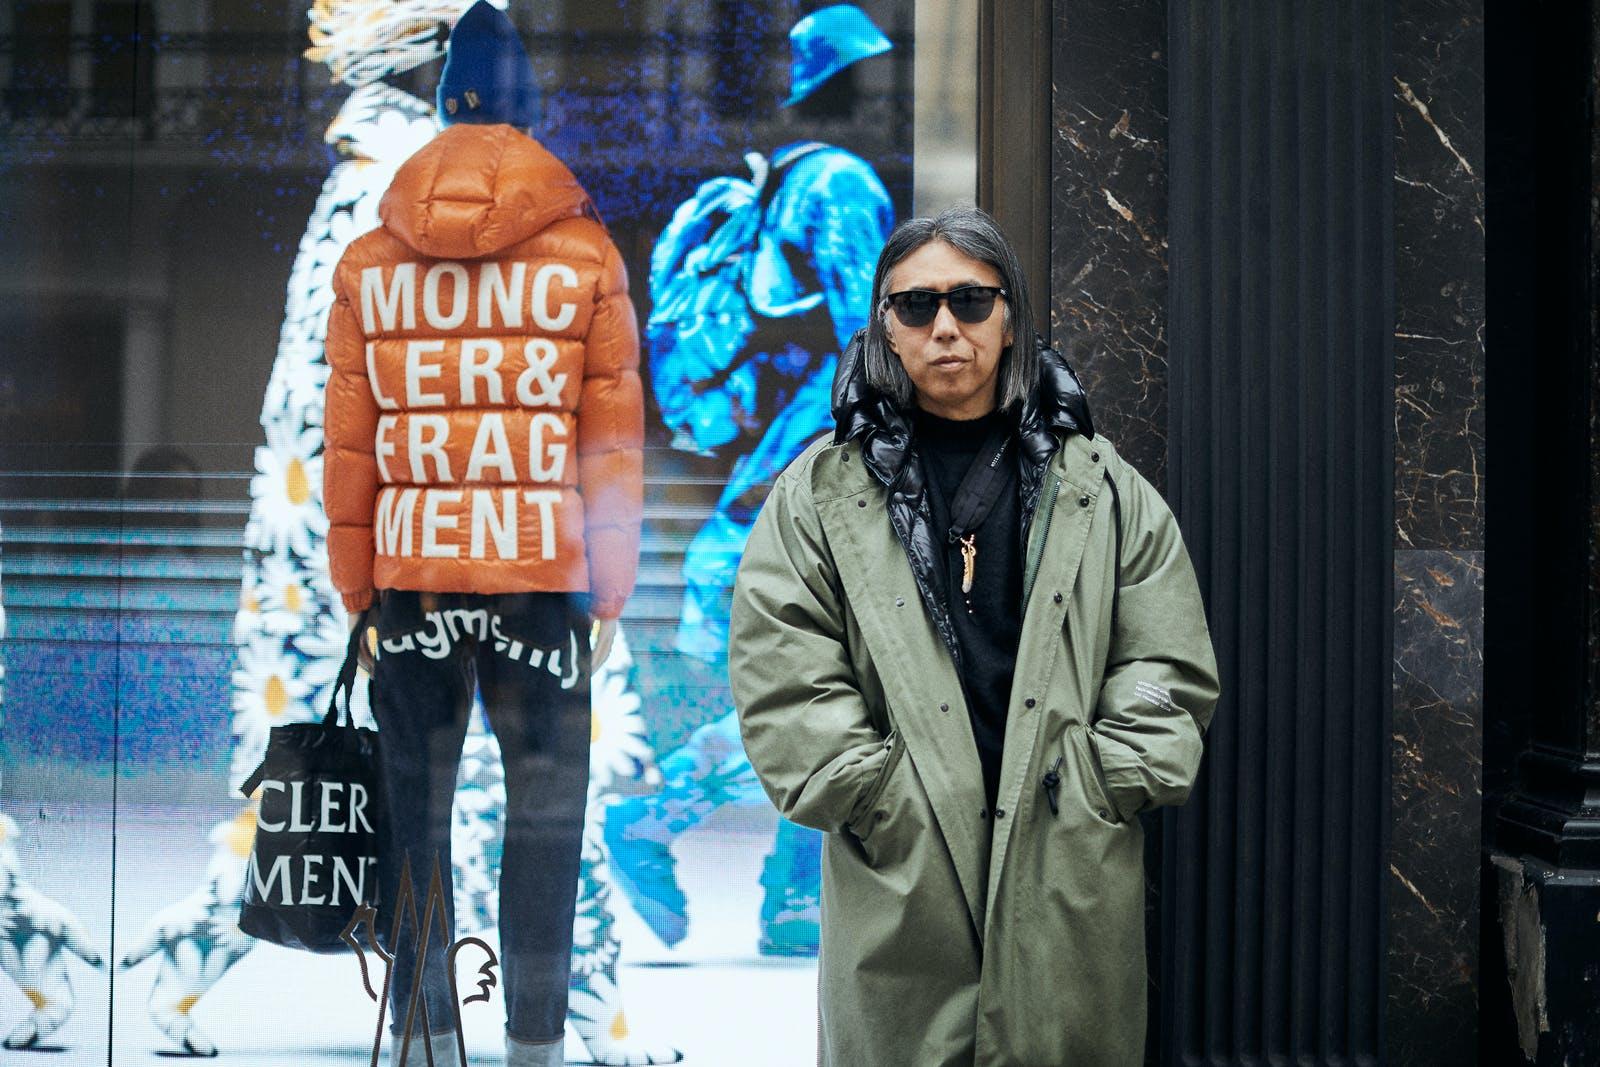 Hiroshi Fujiwara standing outside Moncler store on Bond Street during Moncler Genius World Tour shot by END.